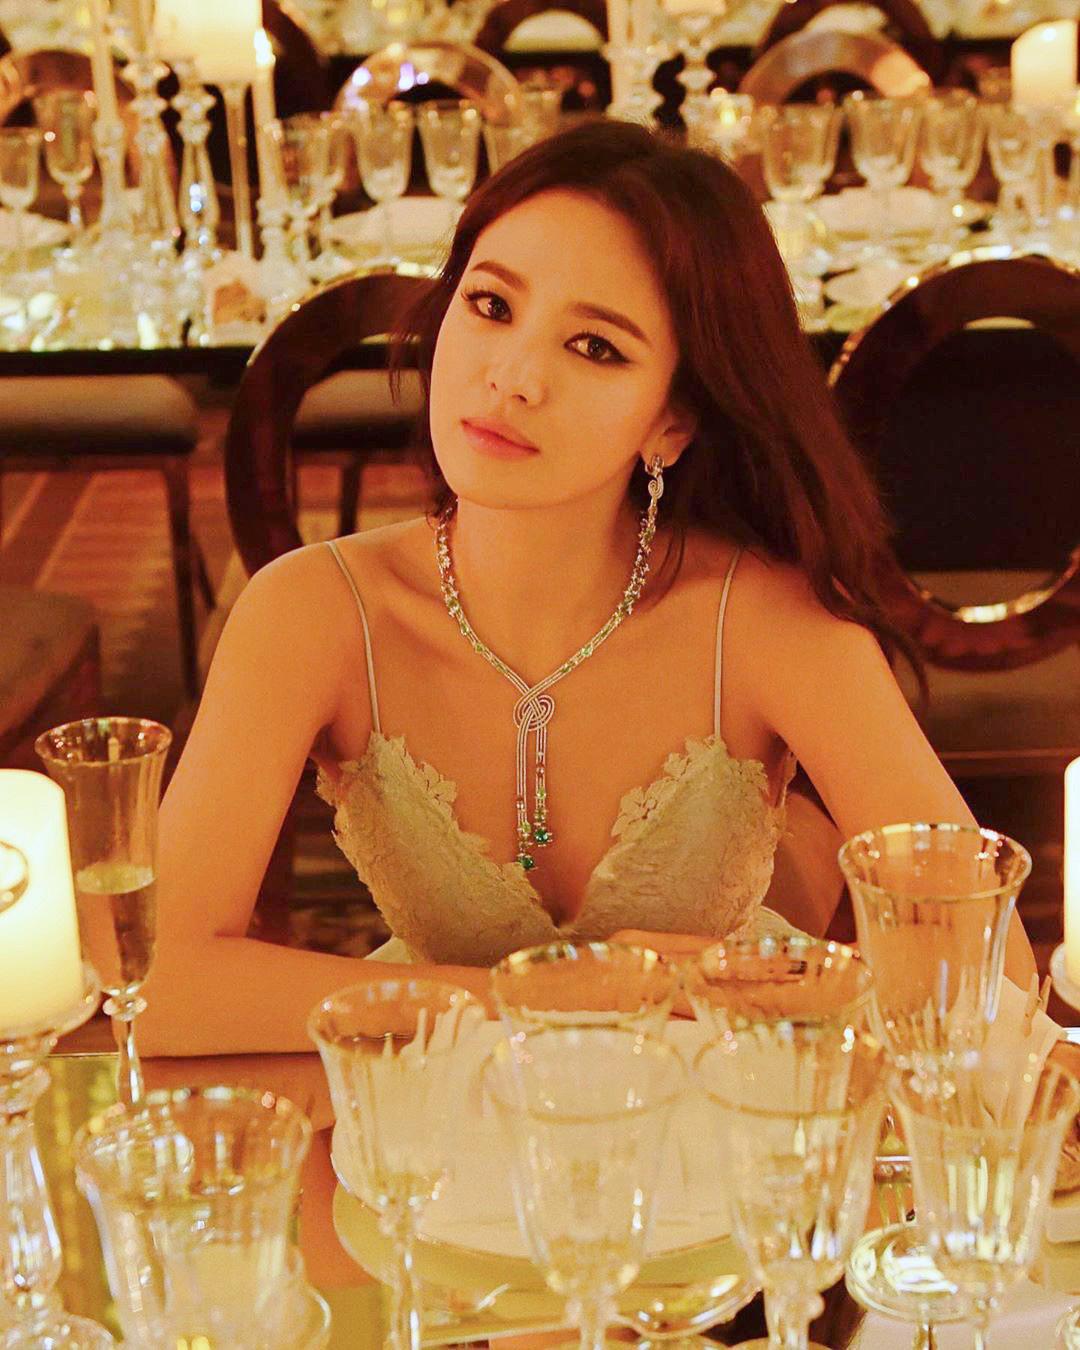 Ly hôn Song Joong Ki, Song Hye Kyo ngày càng thay đổi bản thân theo chiều hướng trái ngược quá khứ-7